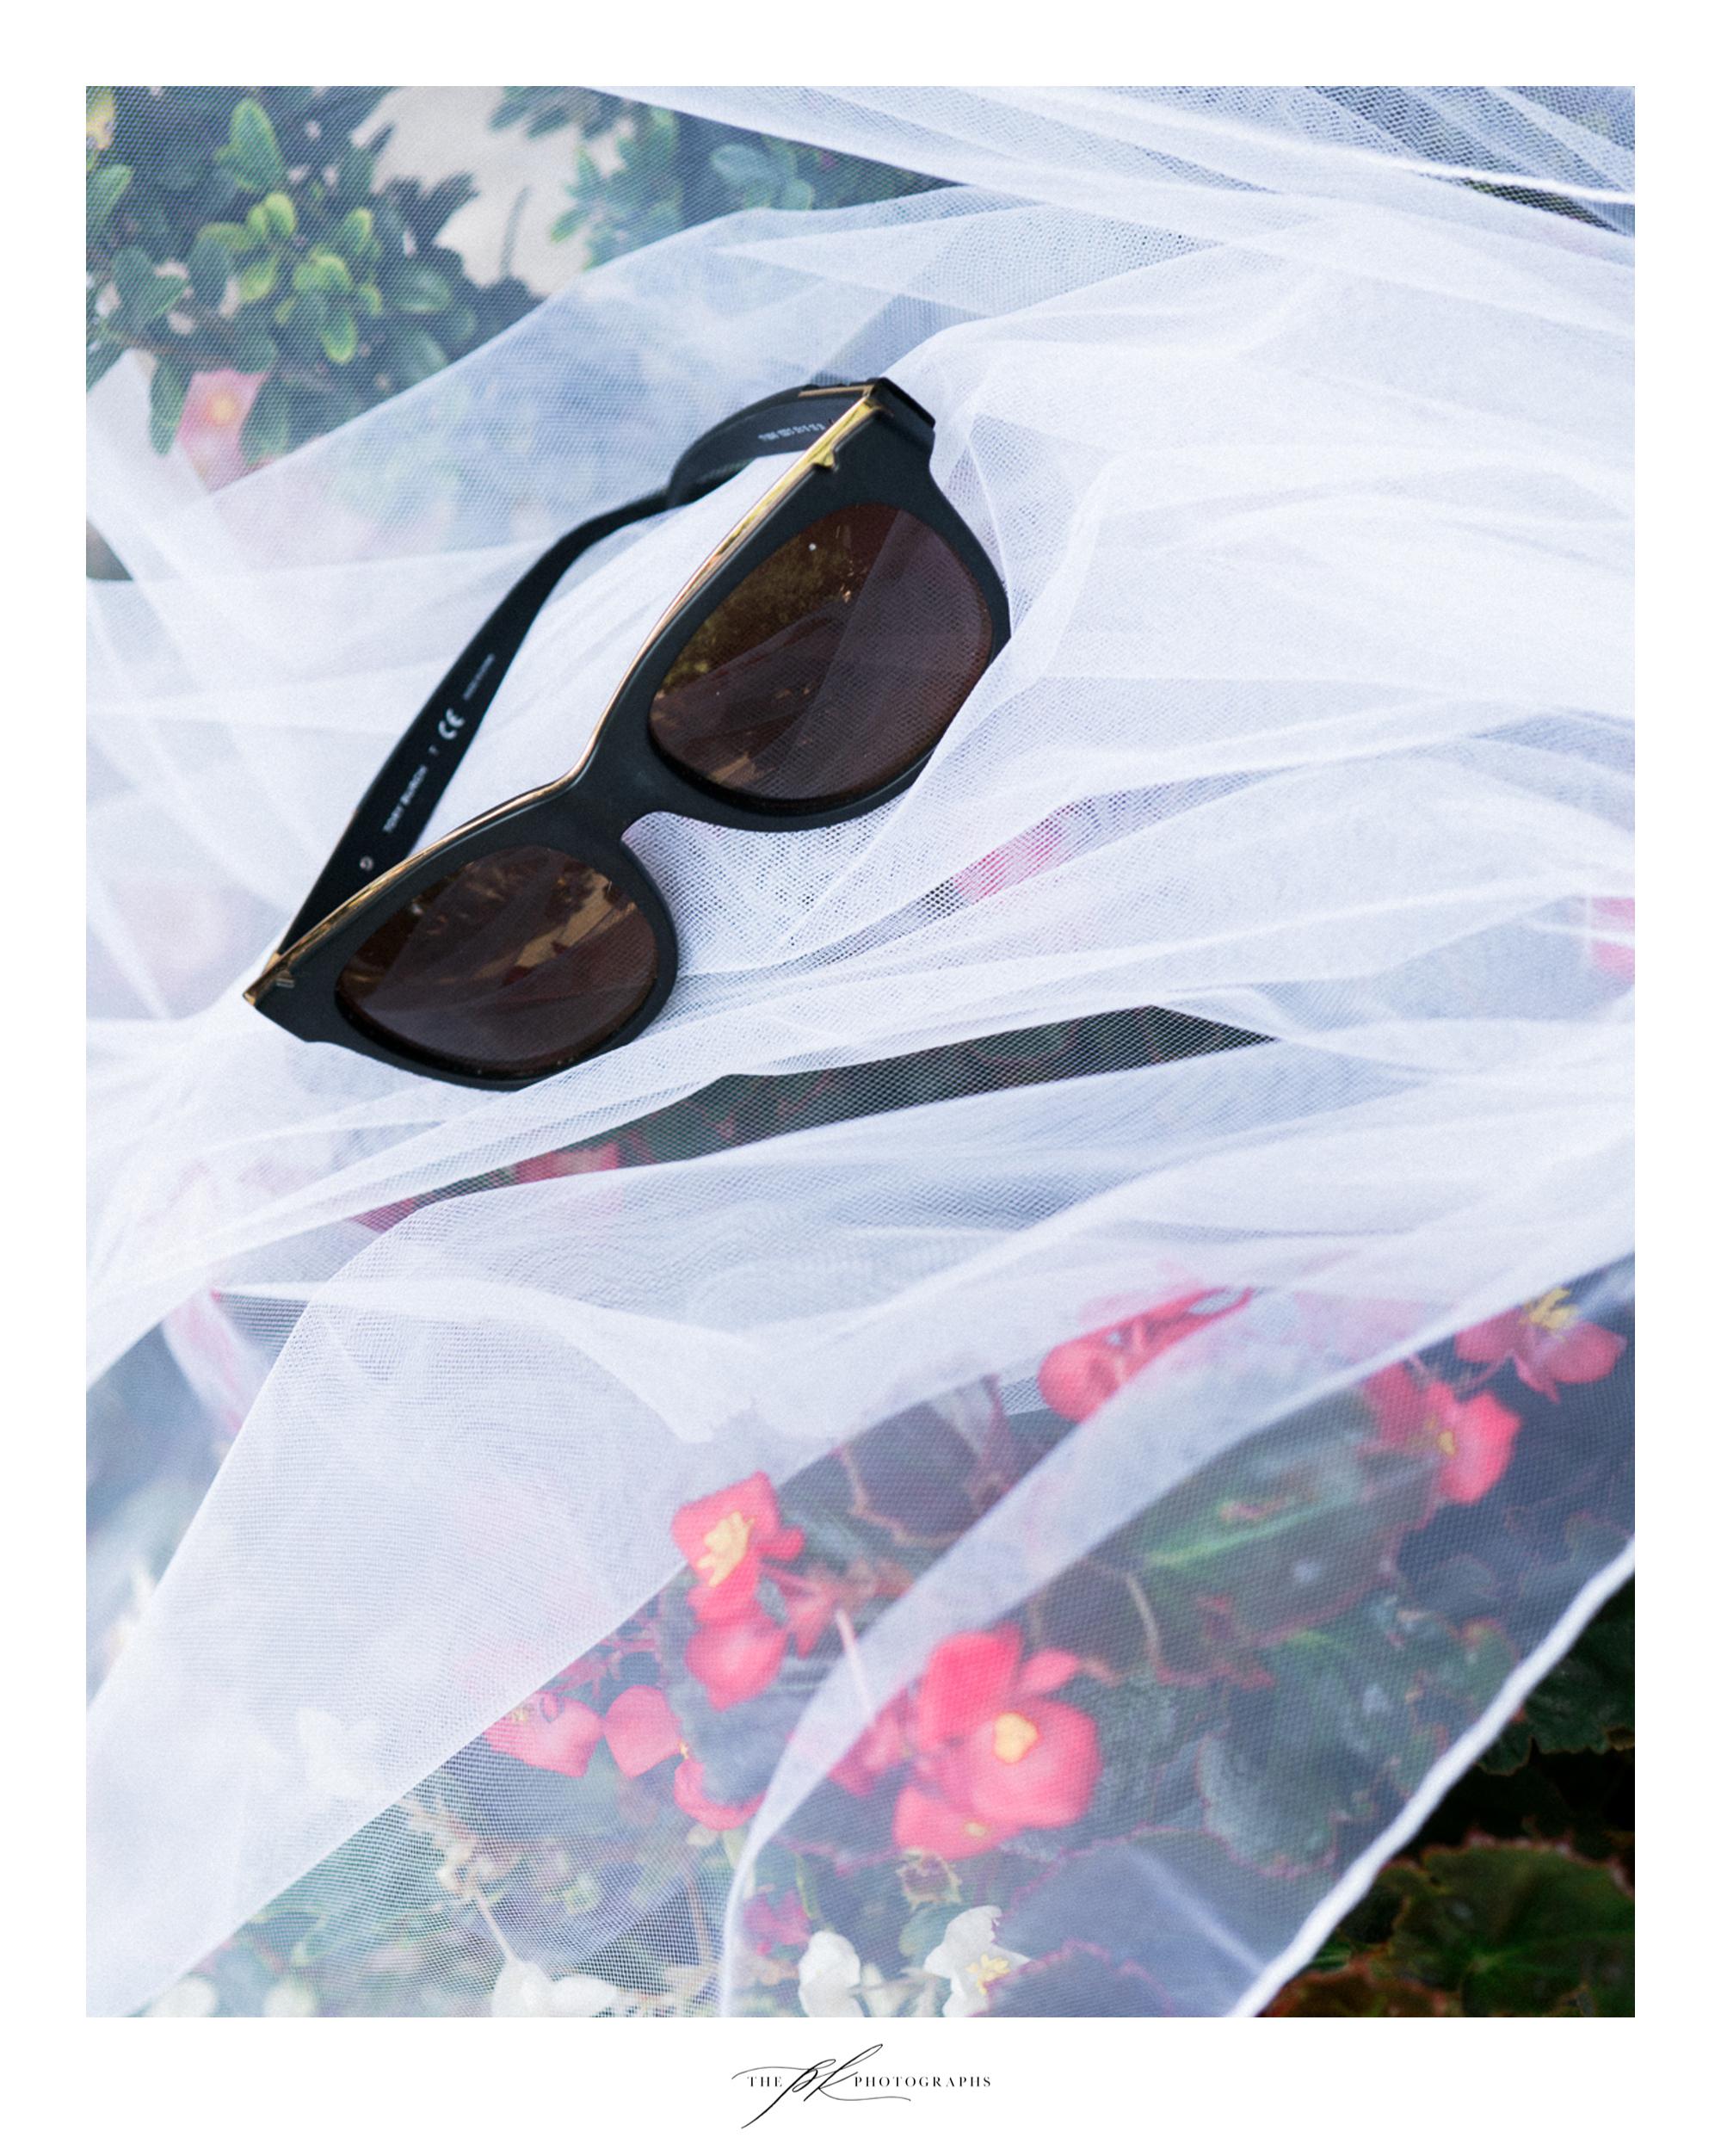 Wedding day accessories!